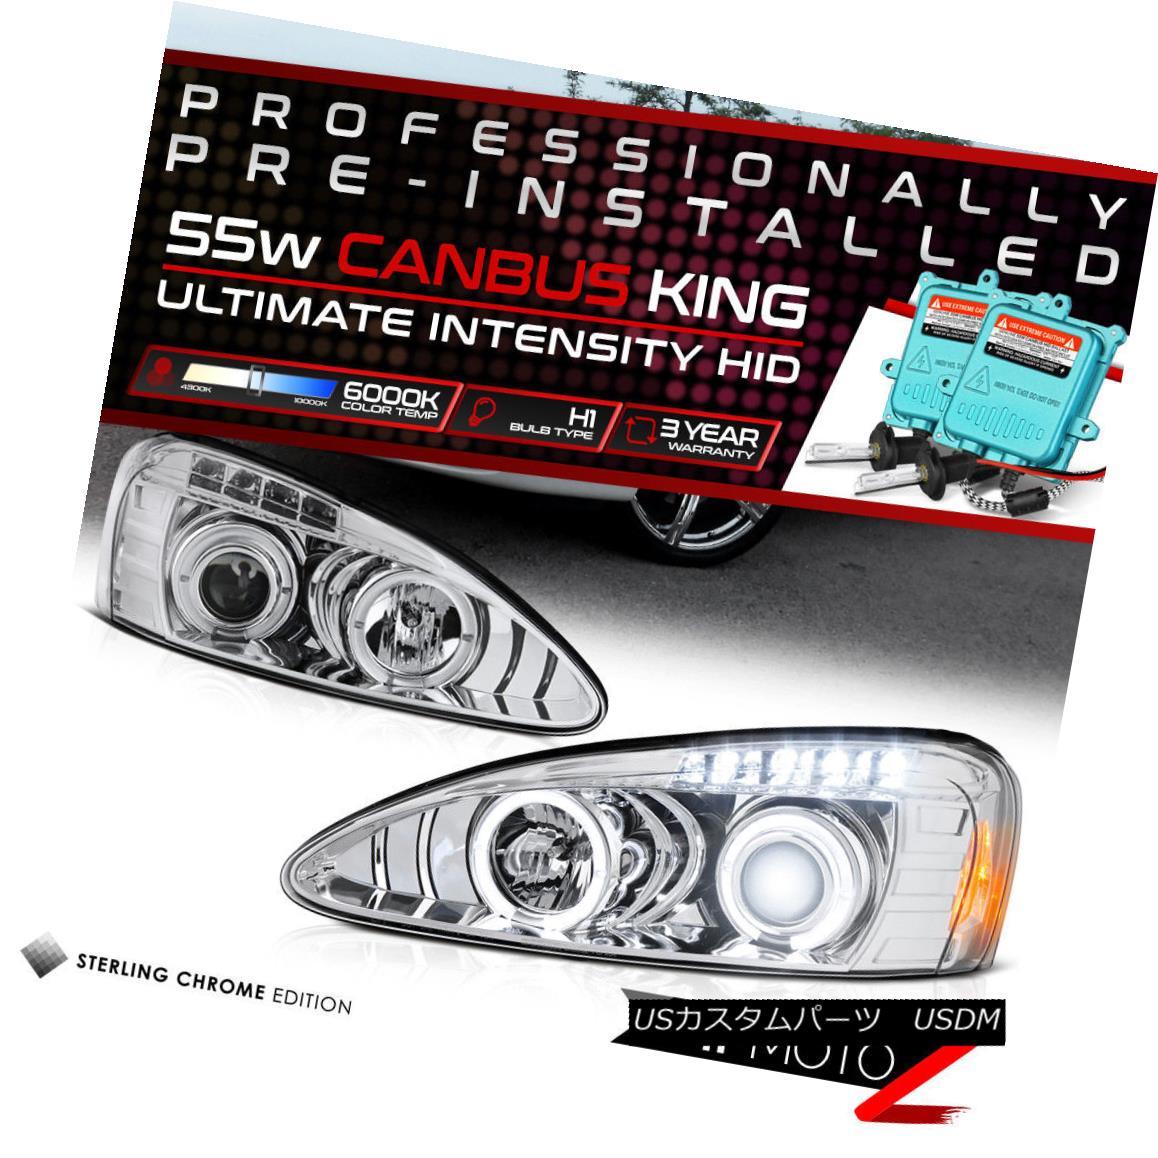 ヘッドライト !55W HID Built-In! 04-08 Pontiac Grand Prix Chrome Dual Halo Projector Headlight !55W HID内蔵! 04-08ポンティアックグランプリクロムデュアルヘイロープロジェクターヘッドライト